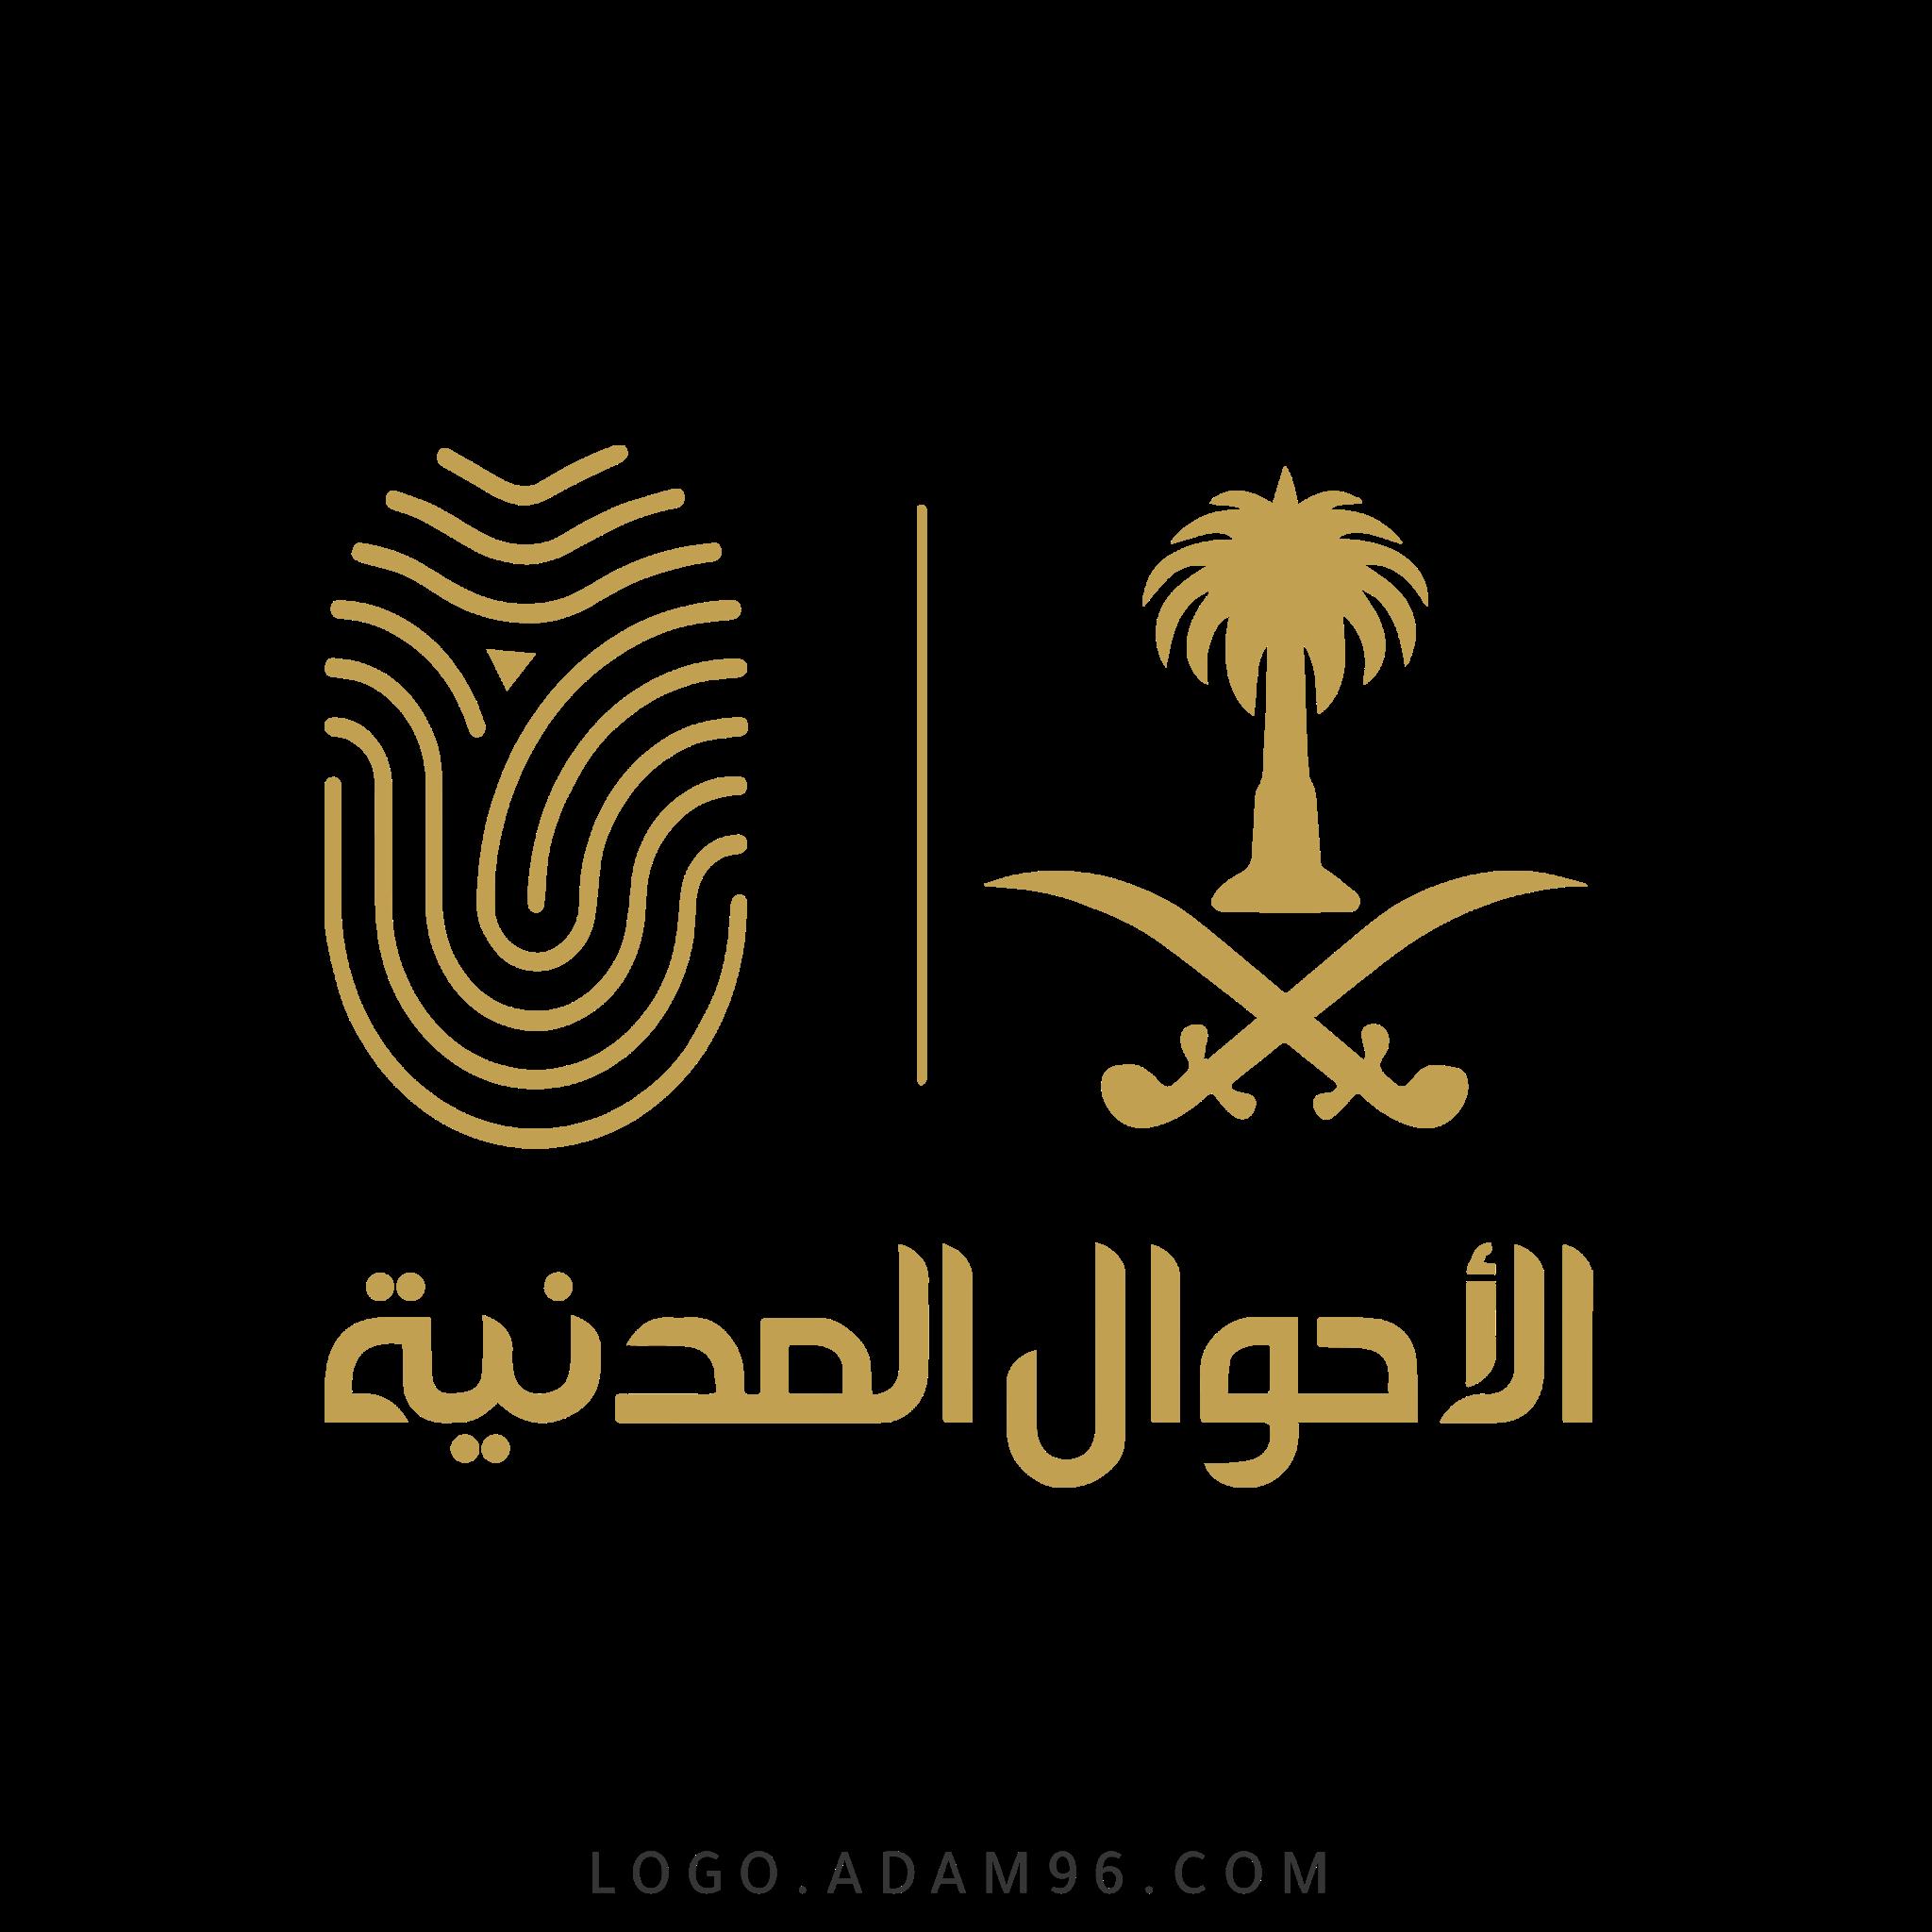 تحميل شعار الأحوال المدنية السعودية لوجو رسمي عالي الجودة PNG